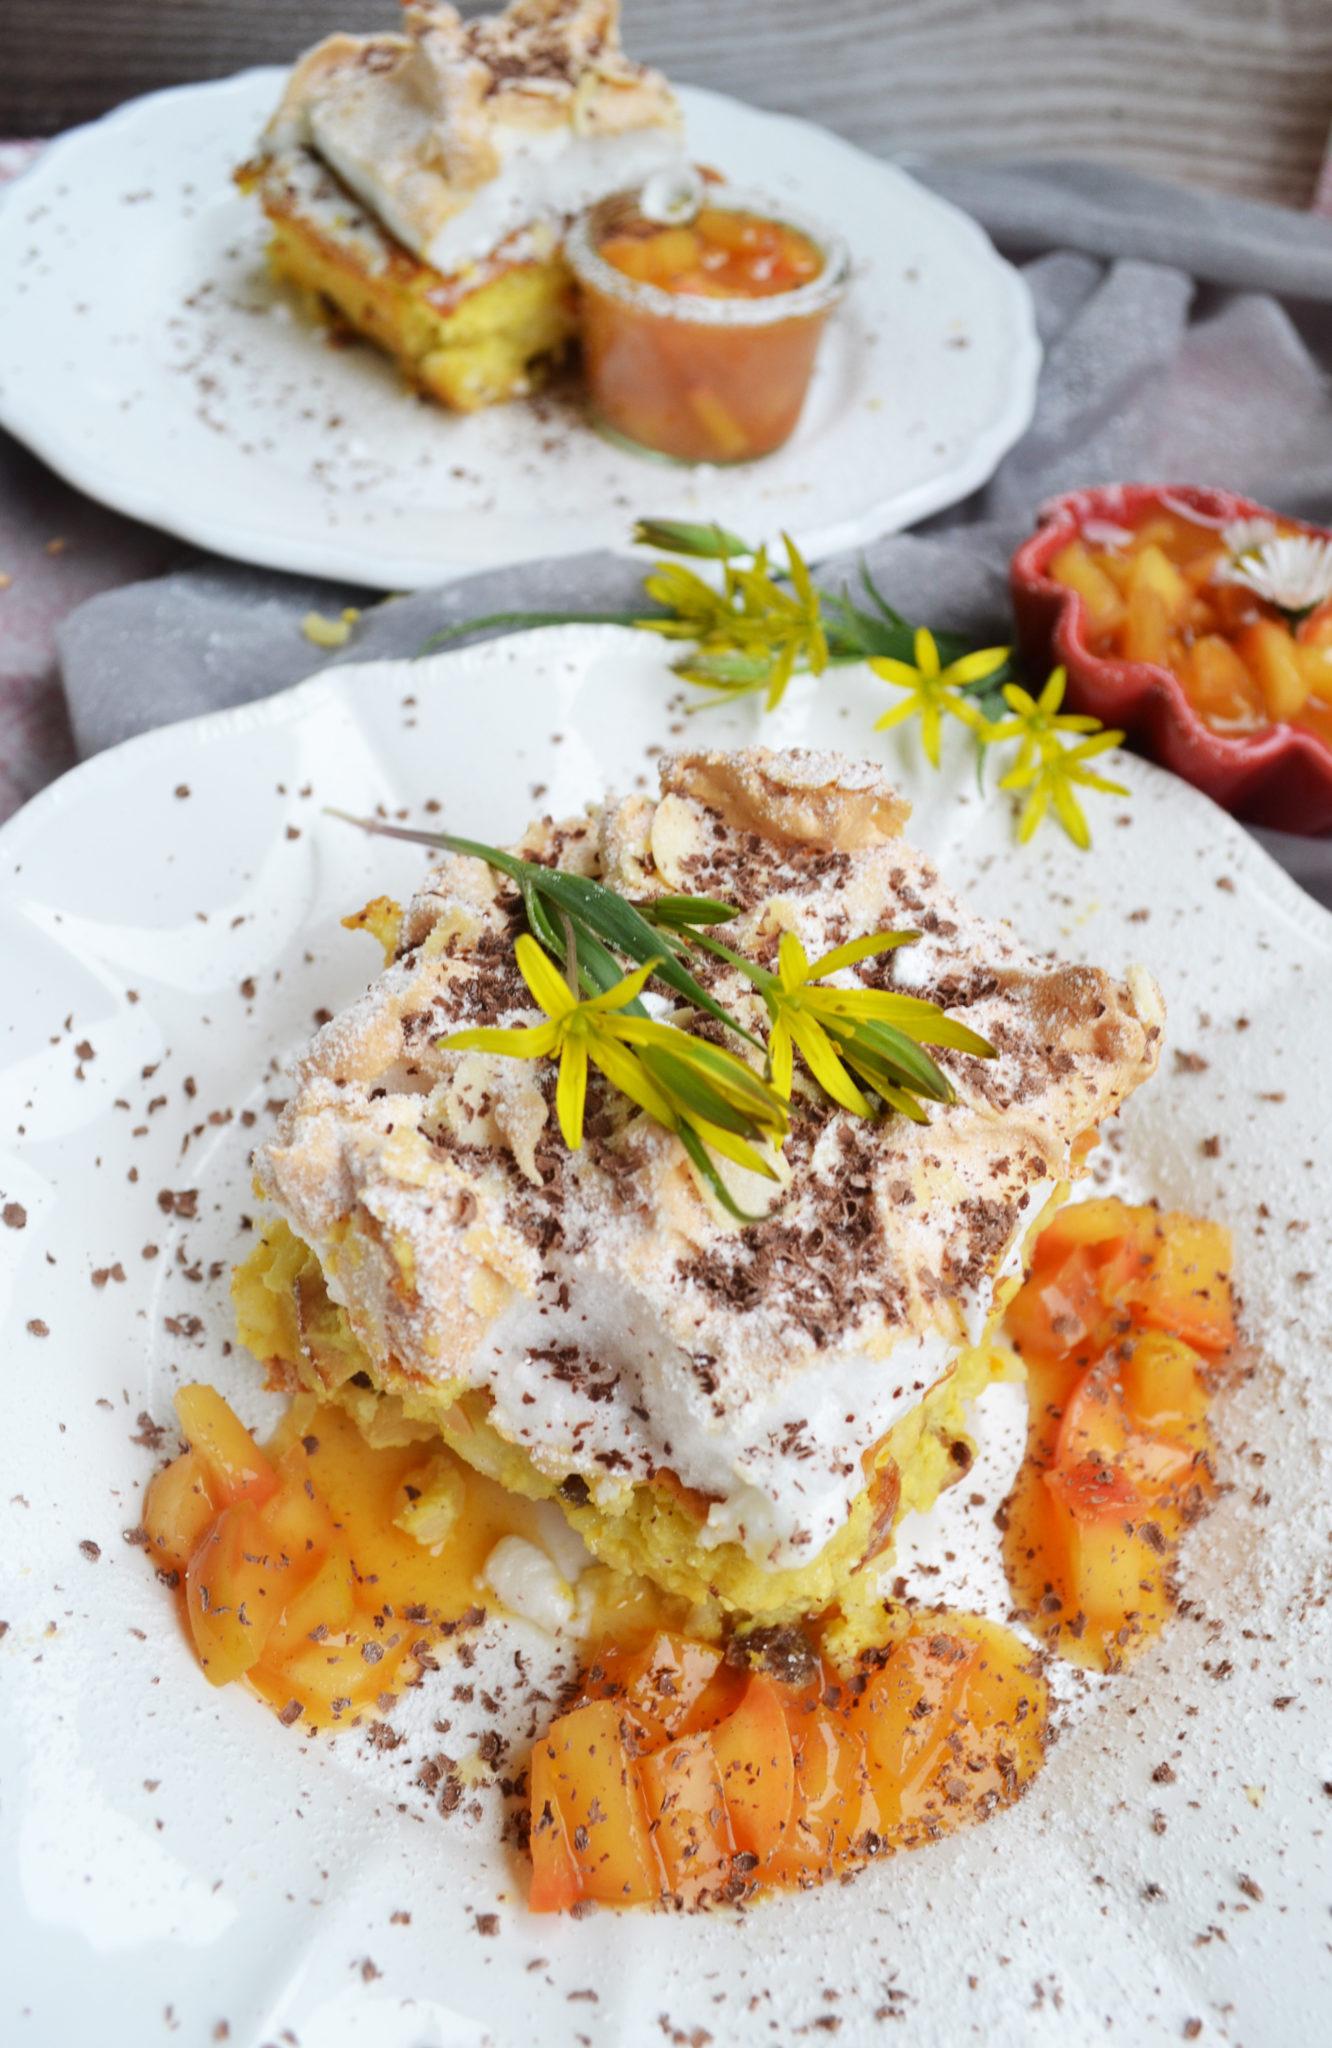 Lieblingsessen-Klassiker! Reisauflauf mit Äpfeln und Baiserhäubchen